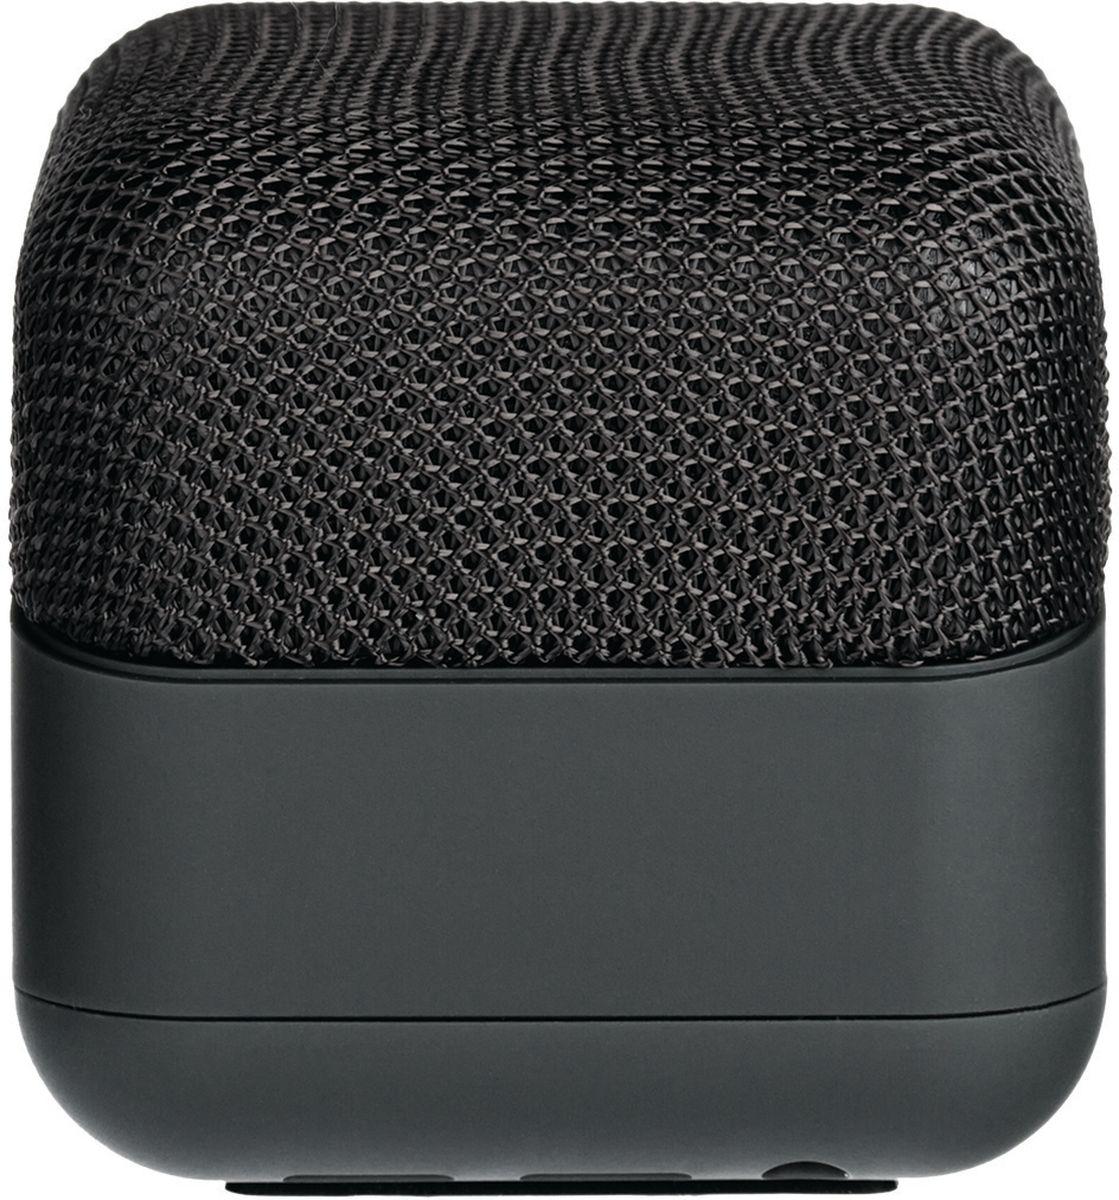 Rombica MySound BT-13, Black портативная акустическая системаSBT-00130Аудиопроигрыватель Rombica MySound BT-13 совместим со всеми популярными устройствами с поддержкойBluetooth, а также воспроизводит музыку через аудиовход. Встроенный сабвуфер дает глубокий и насыщенныйбас. Аккумулятор 400 мАч обеспечивает долгую работу.